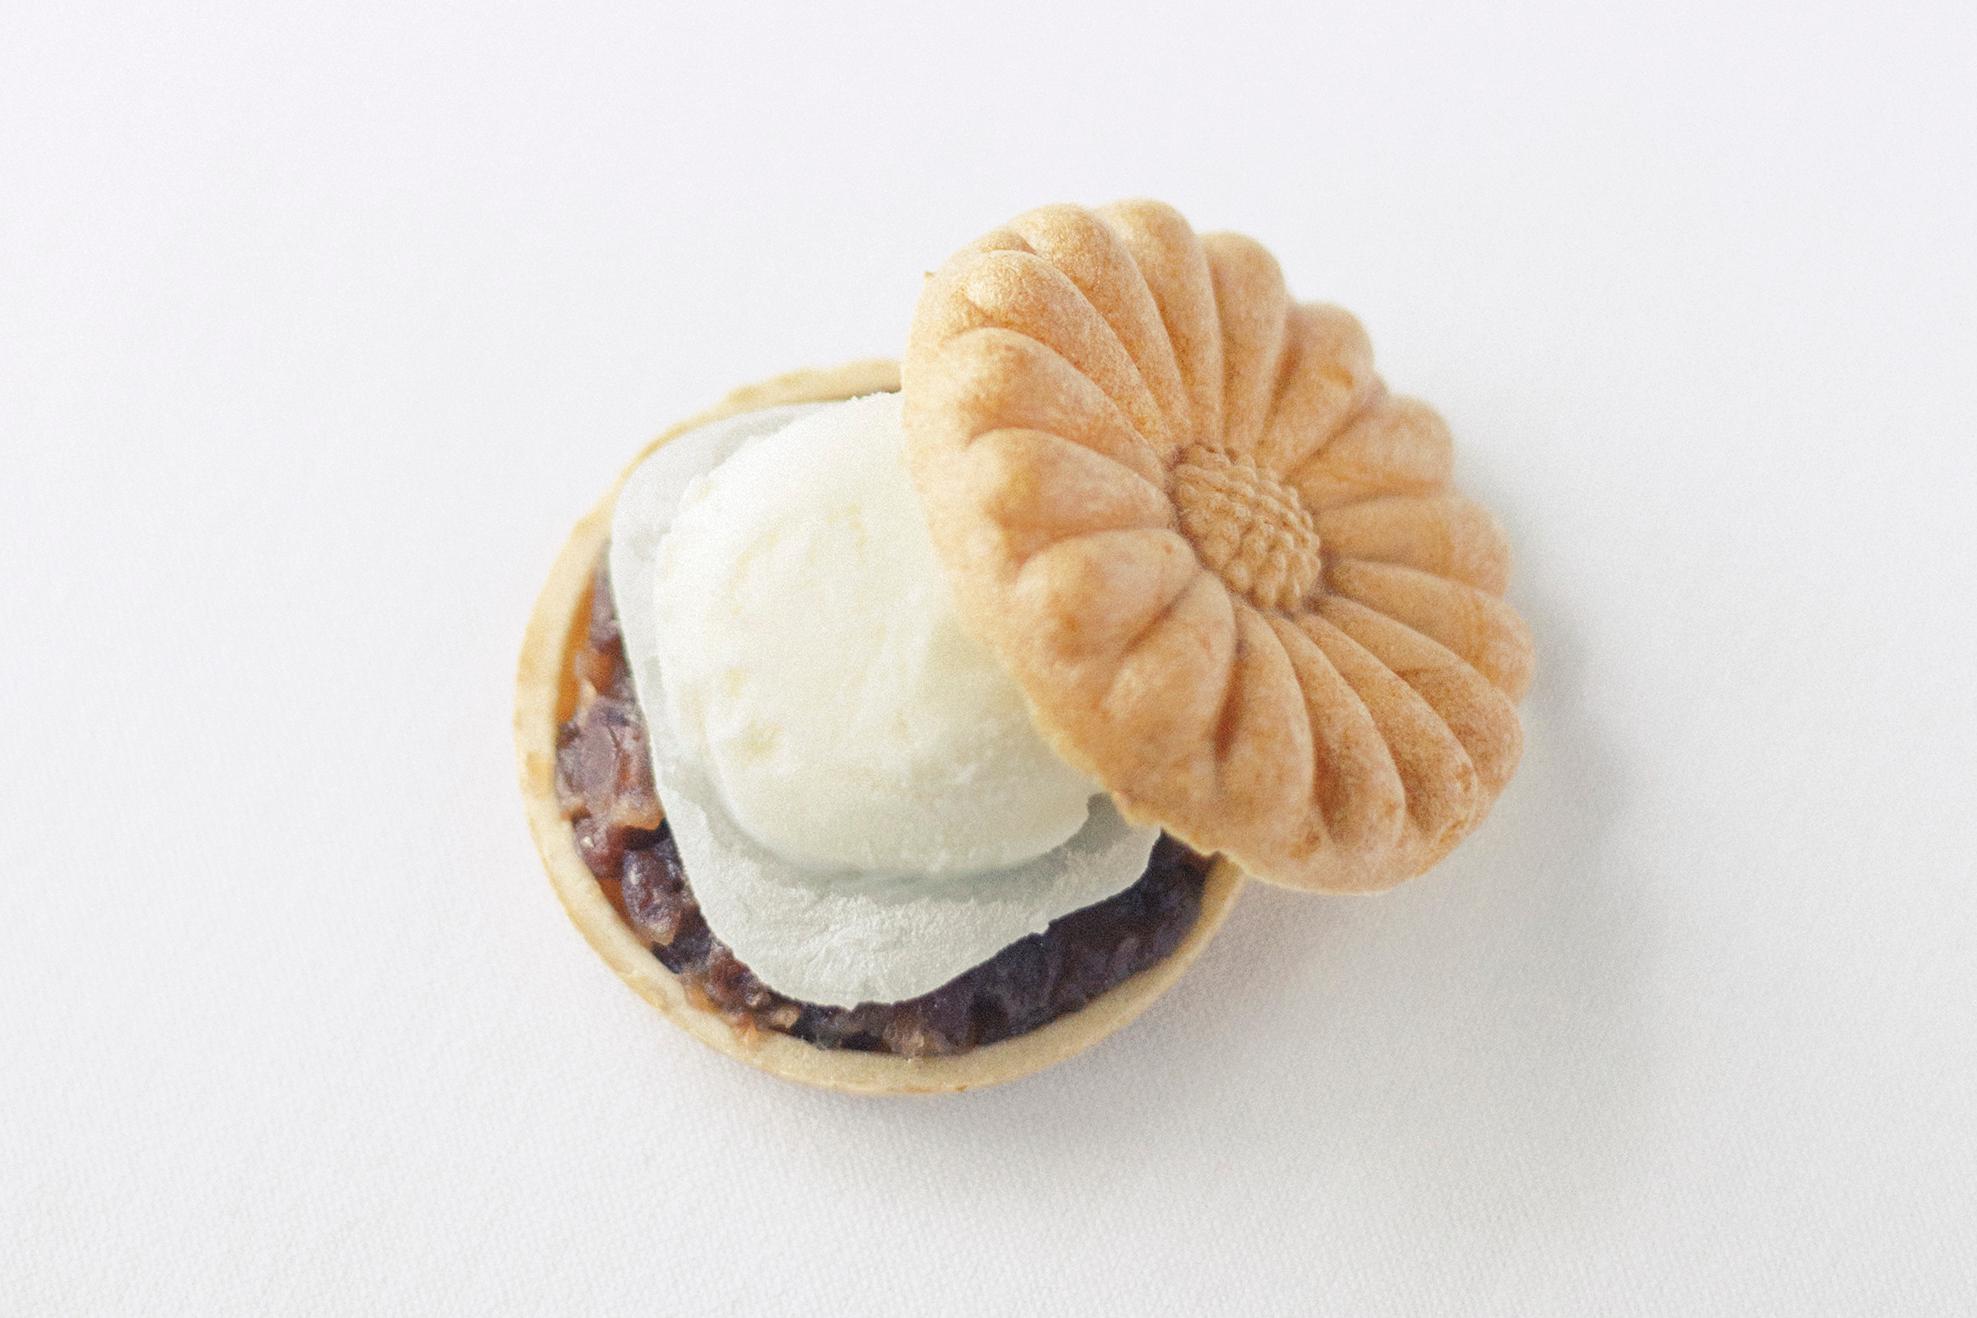 【京都】いま食べたい最旬・和スイーツ5選!創業100年を超える老舗のわらび餅専門カフェも。